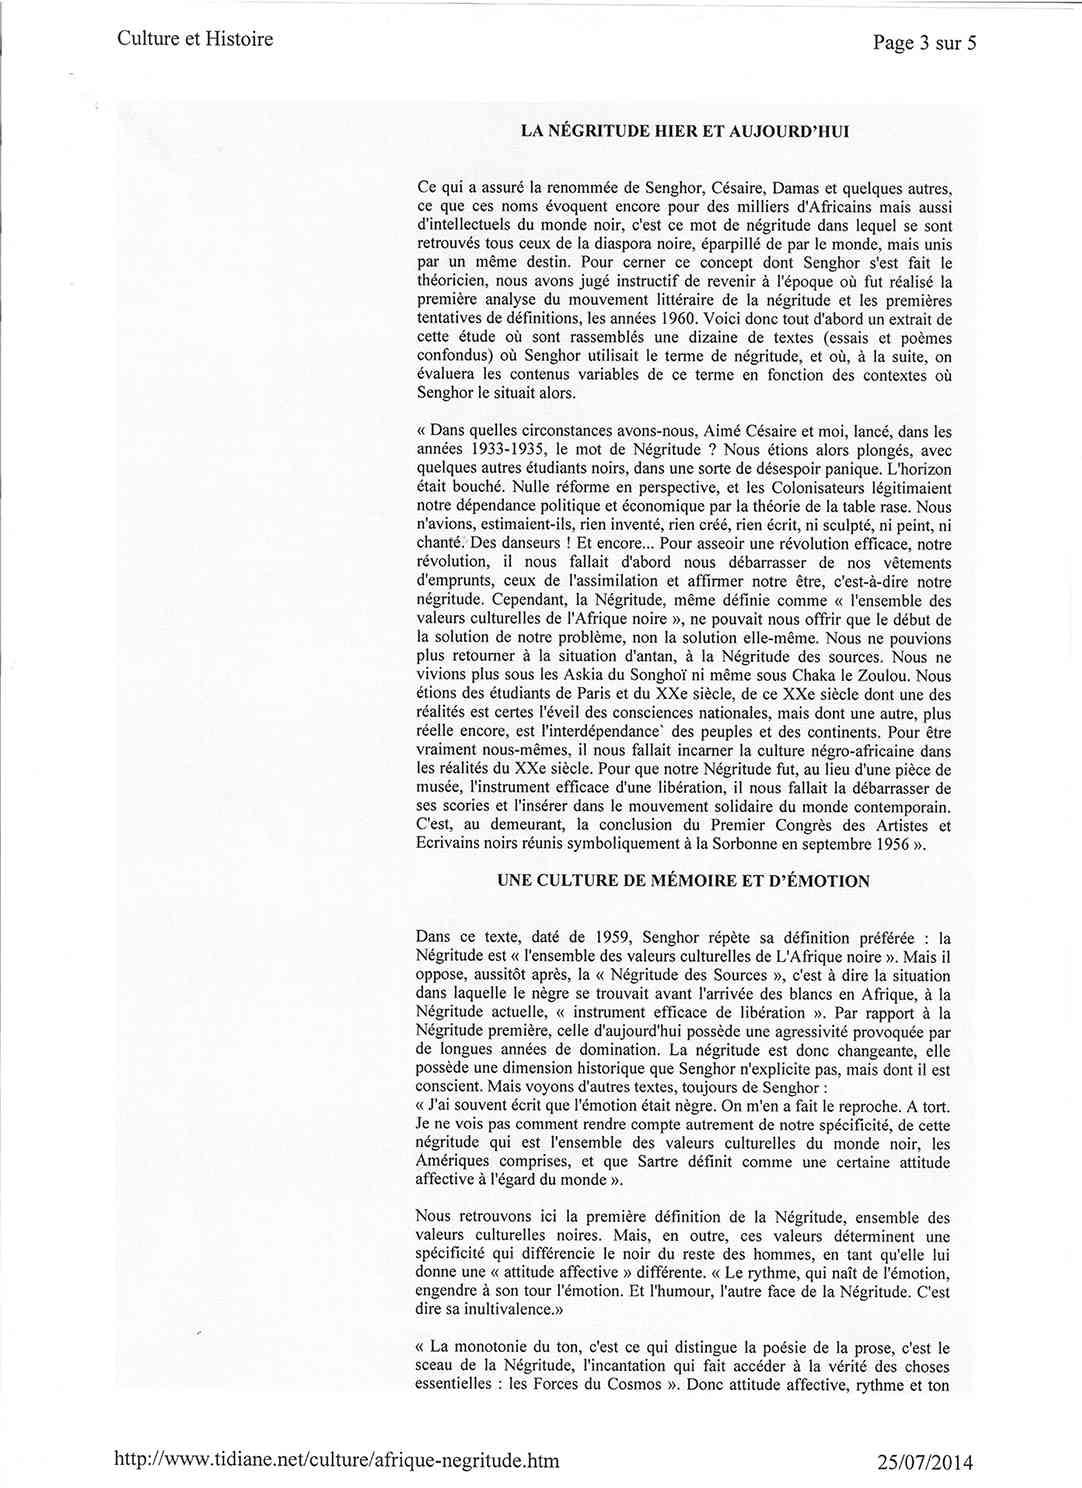 Page 3 3, René Maran